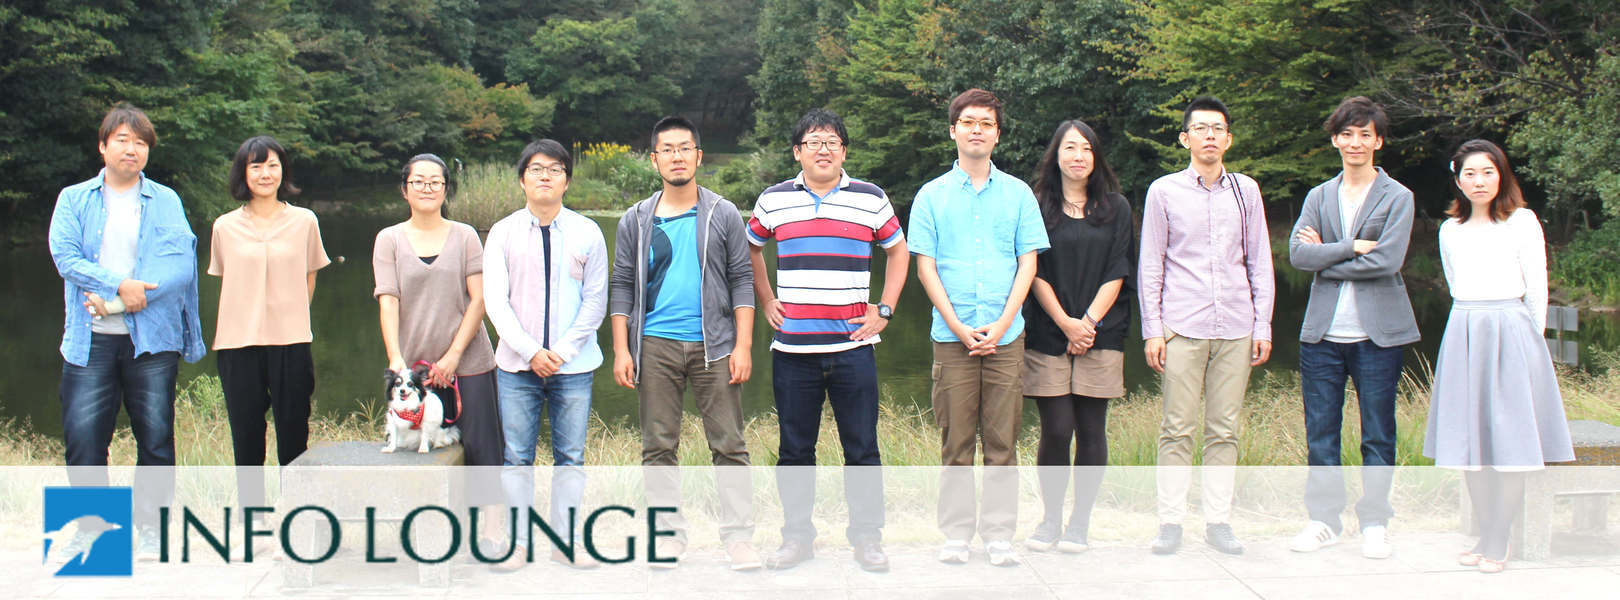 地域密着でICT支援を行うインフォ・ラウンジにおけるエンジニア経験を活かしたWebディレクション業務